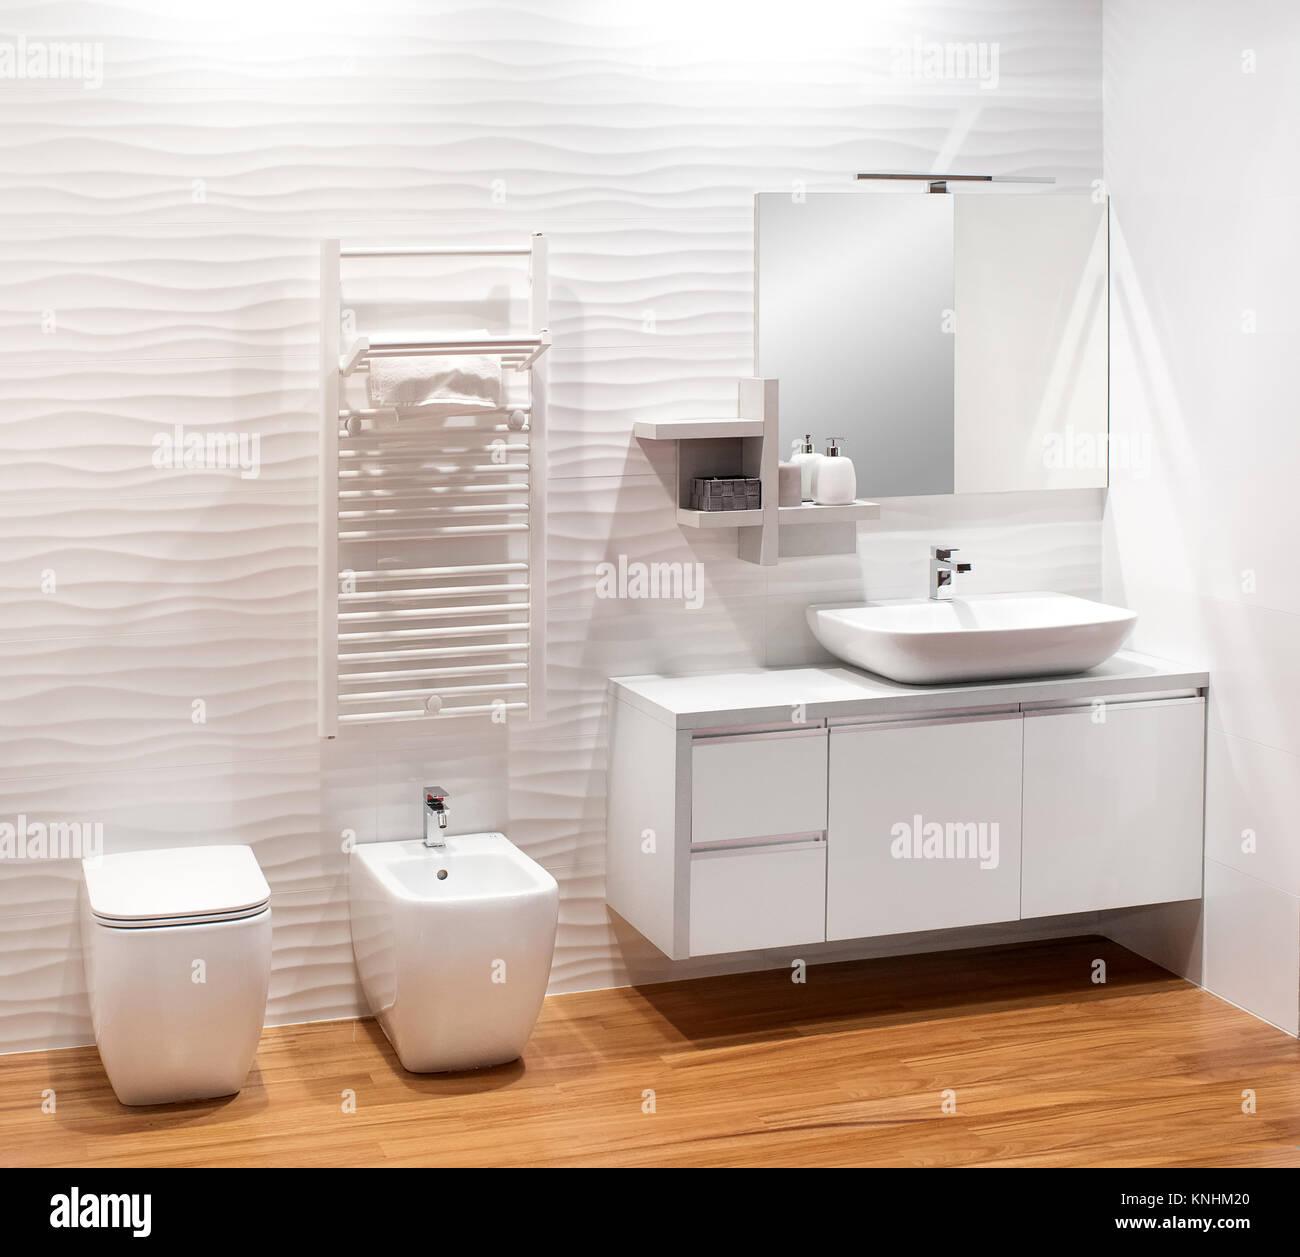 Plain White Monochromatique Salle De Bains Avec Meuble Lavabo Simple Cabinet Bidet Et Toilettes Sur Un Plancher En Bois Naturel